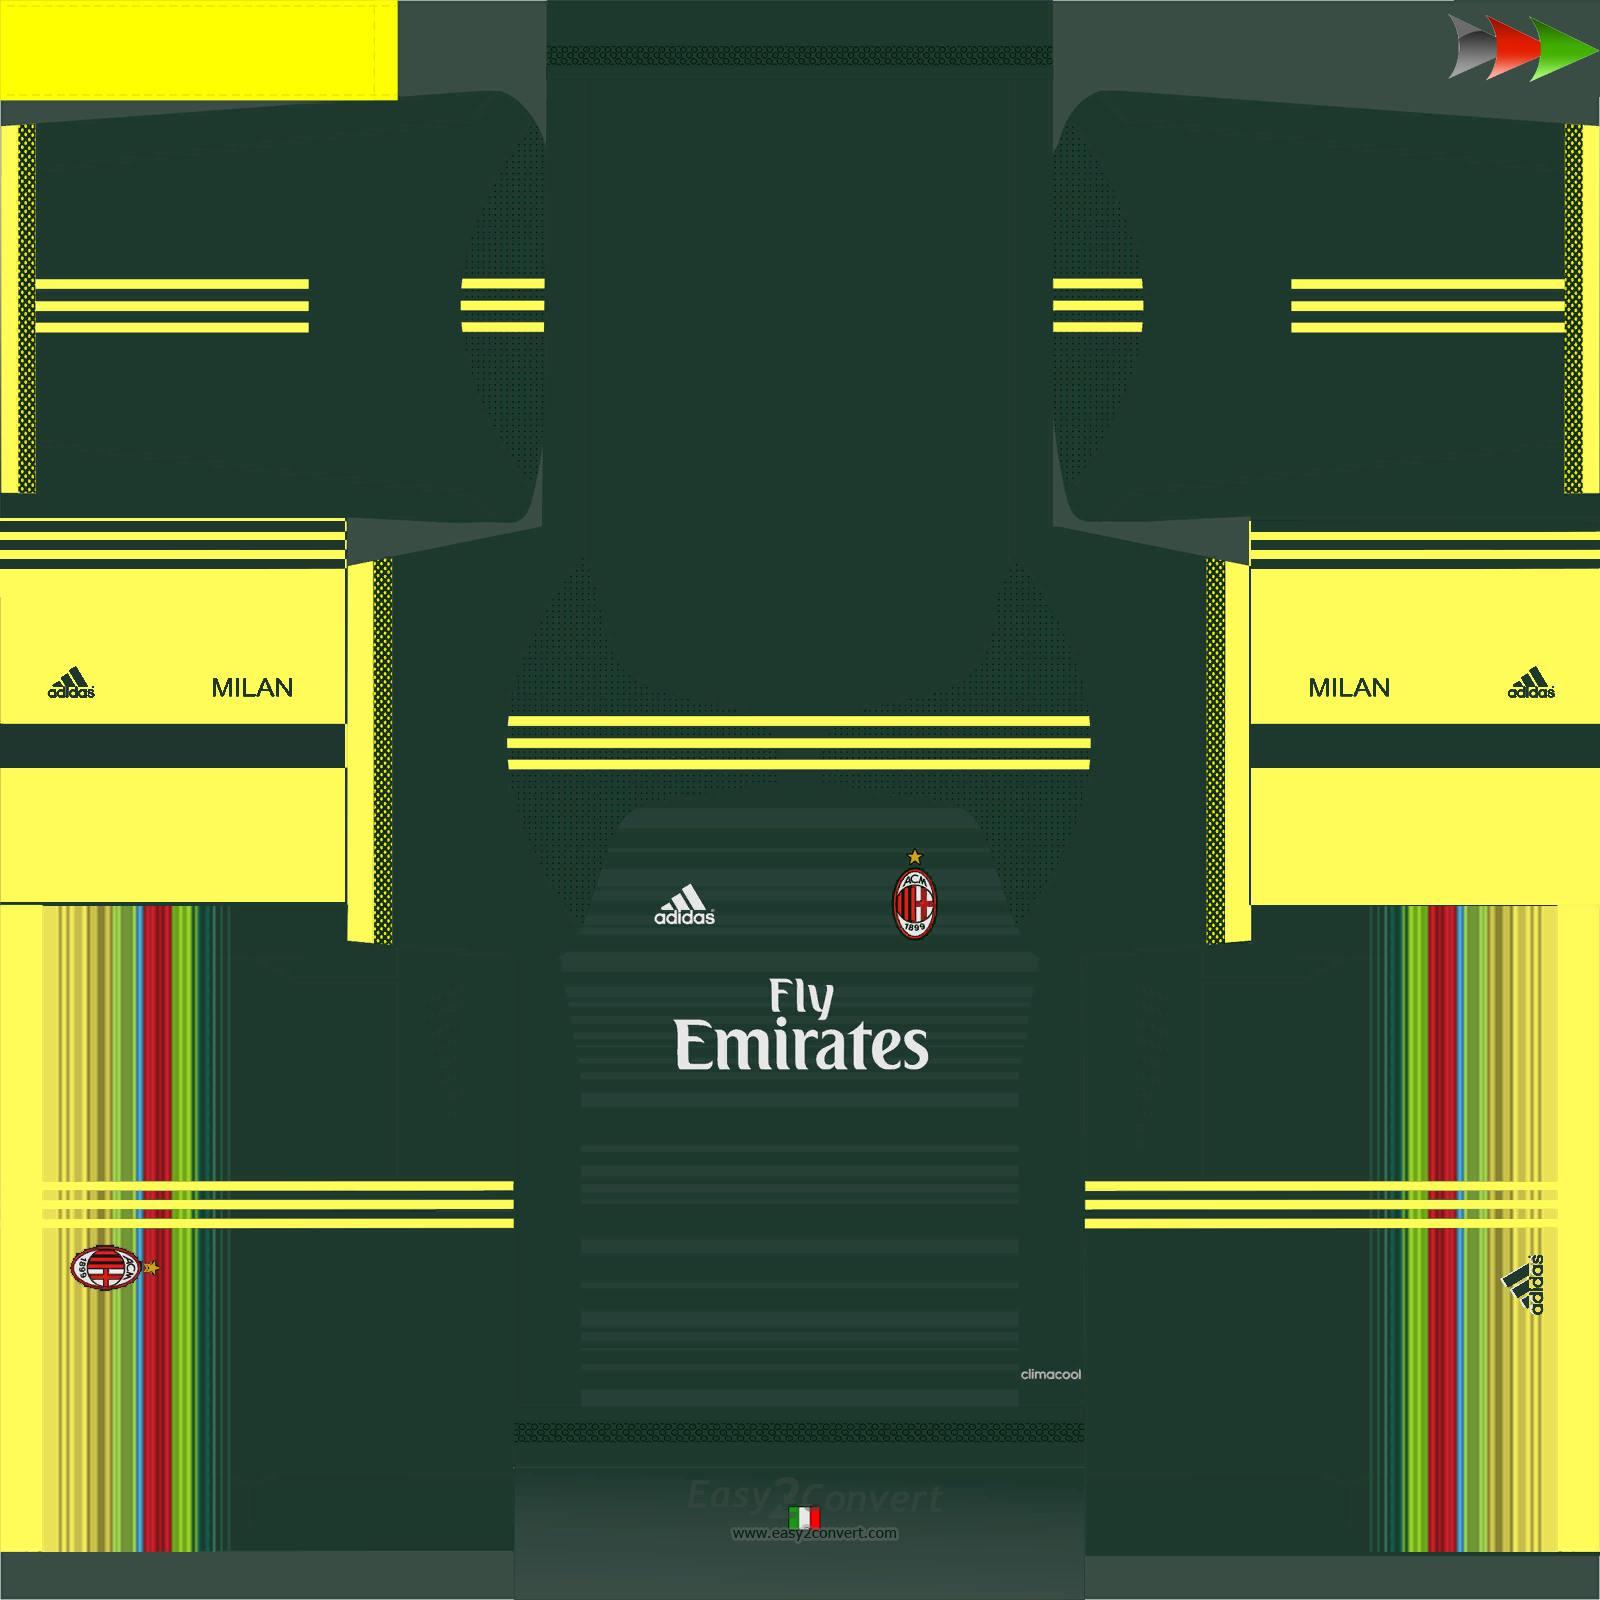 ultigamerz: PES 2015 AC Milan 2015-16 Third Kit